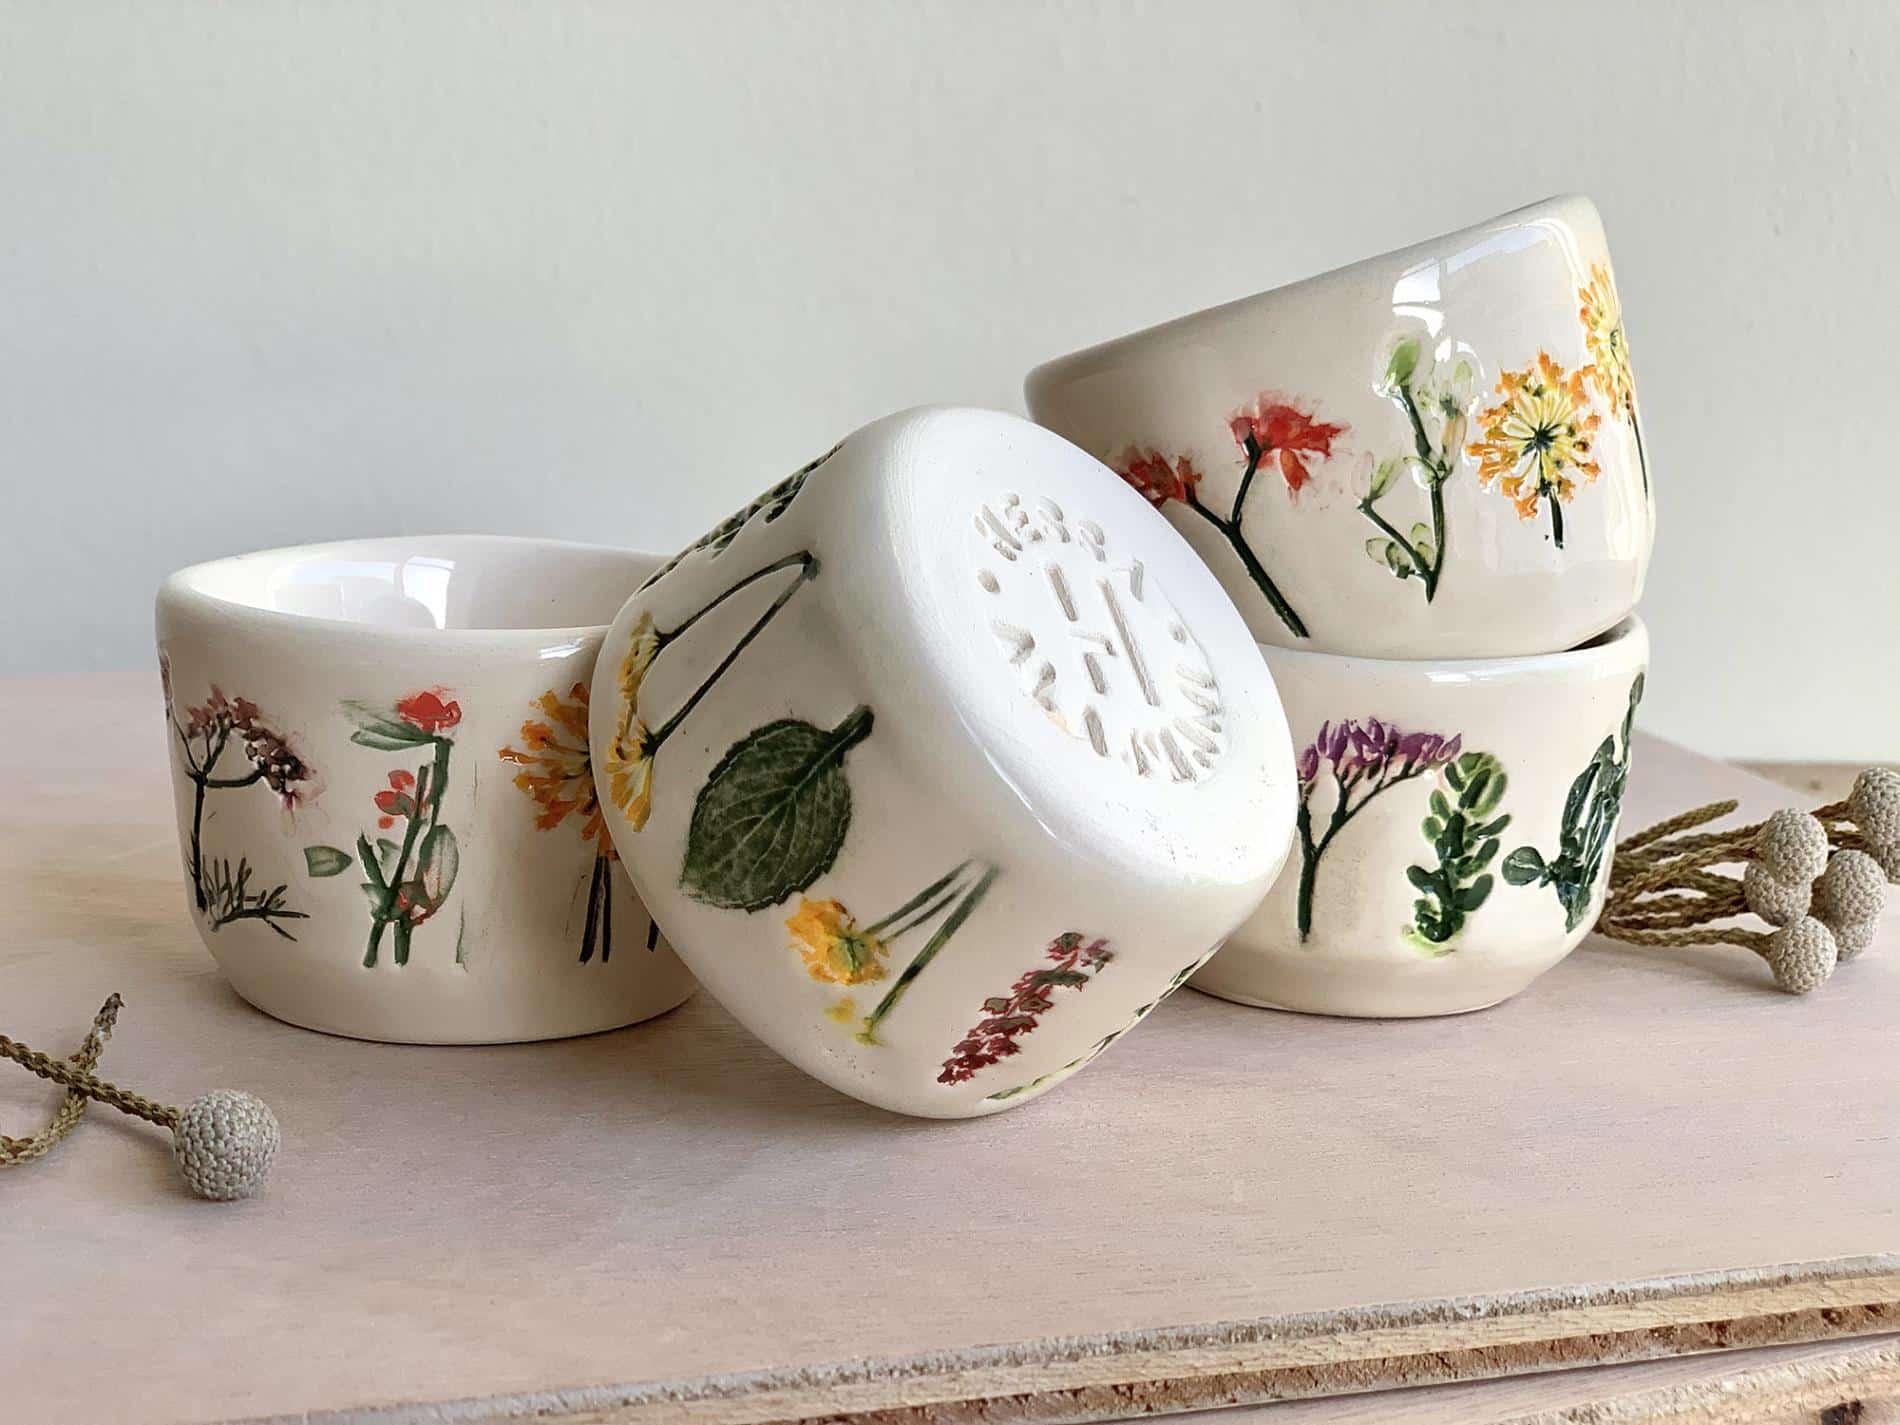 Hessa Al Ajmani taza ceramica vajilla complet